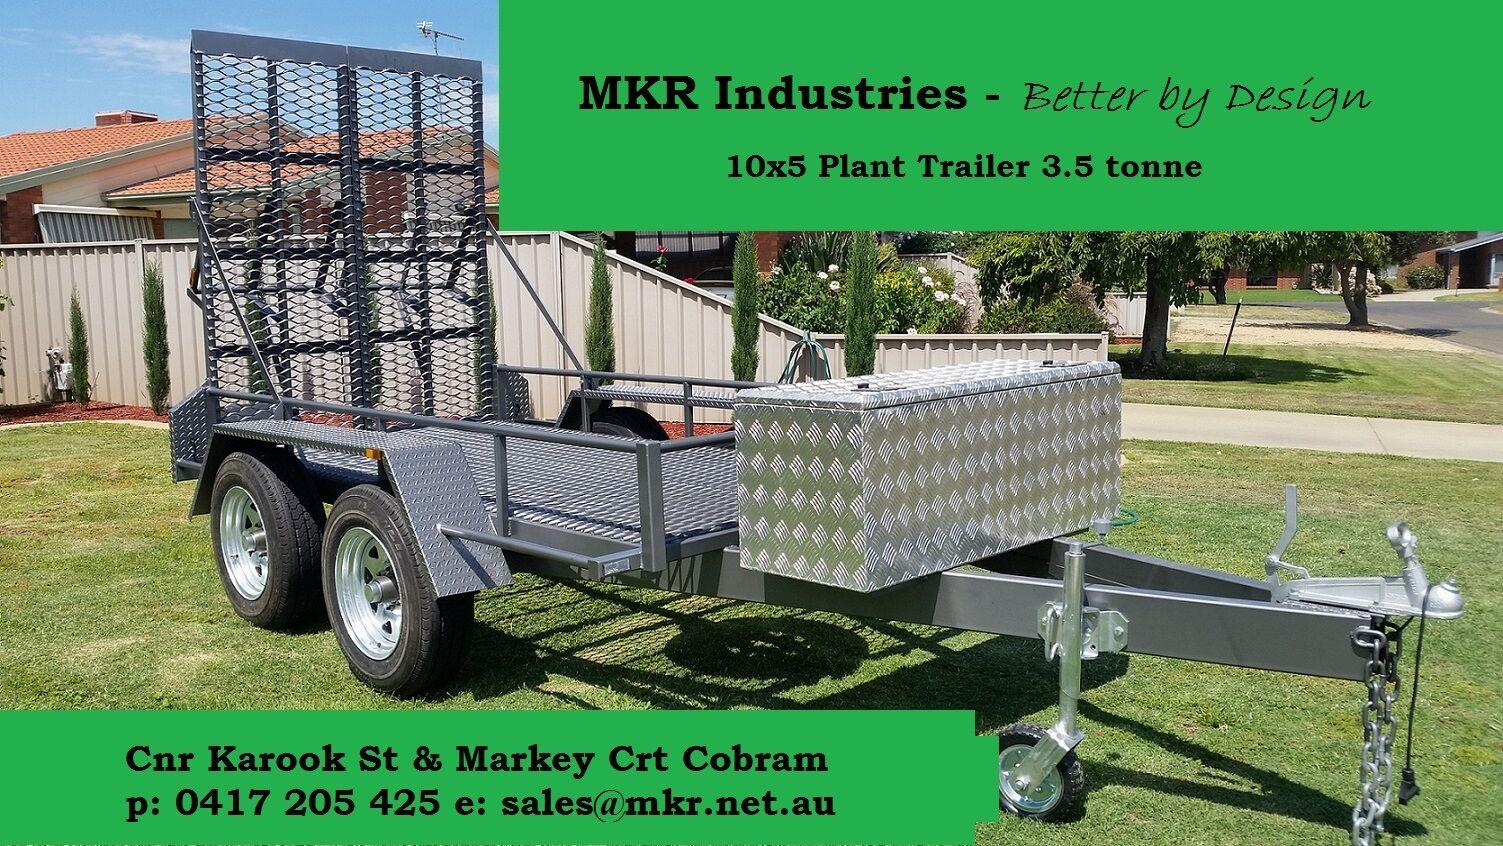 MKR Industries